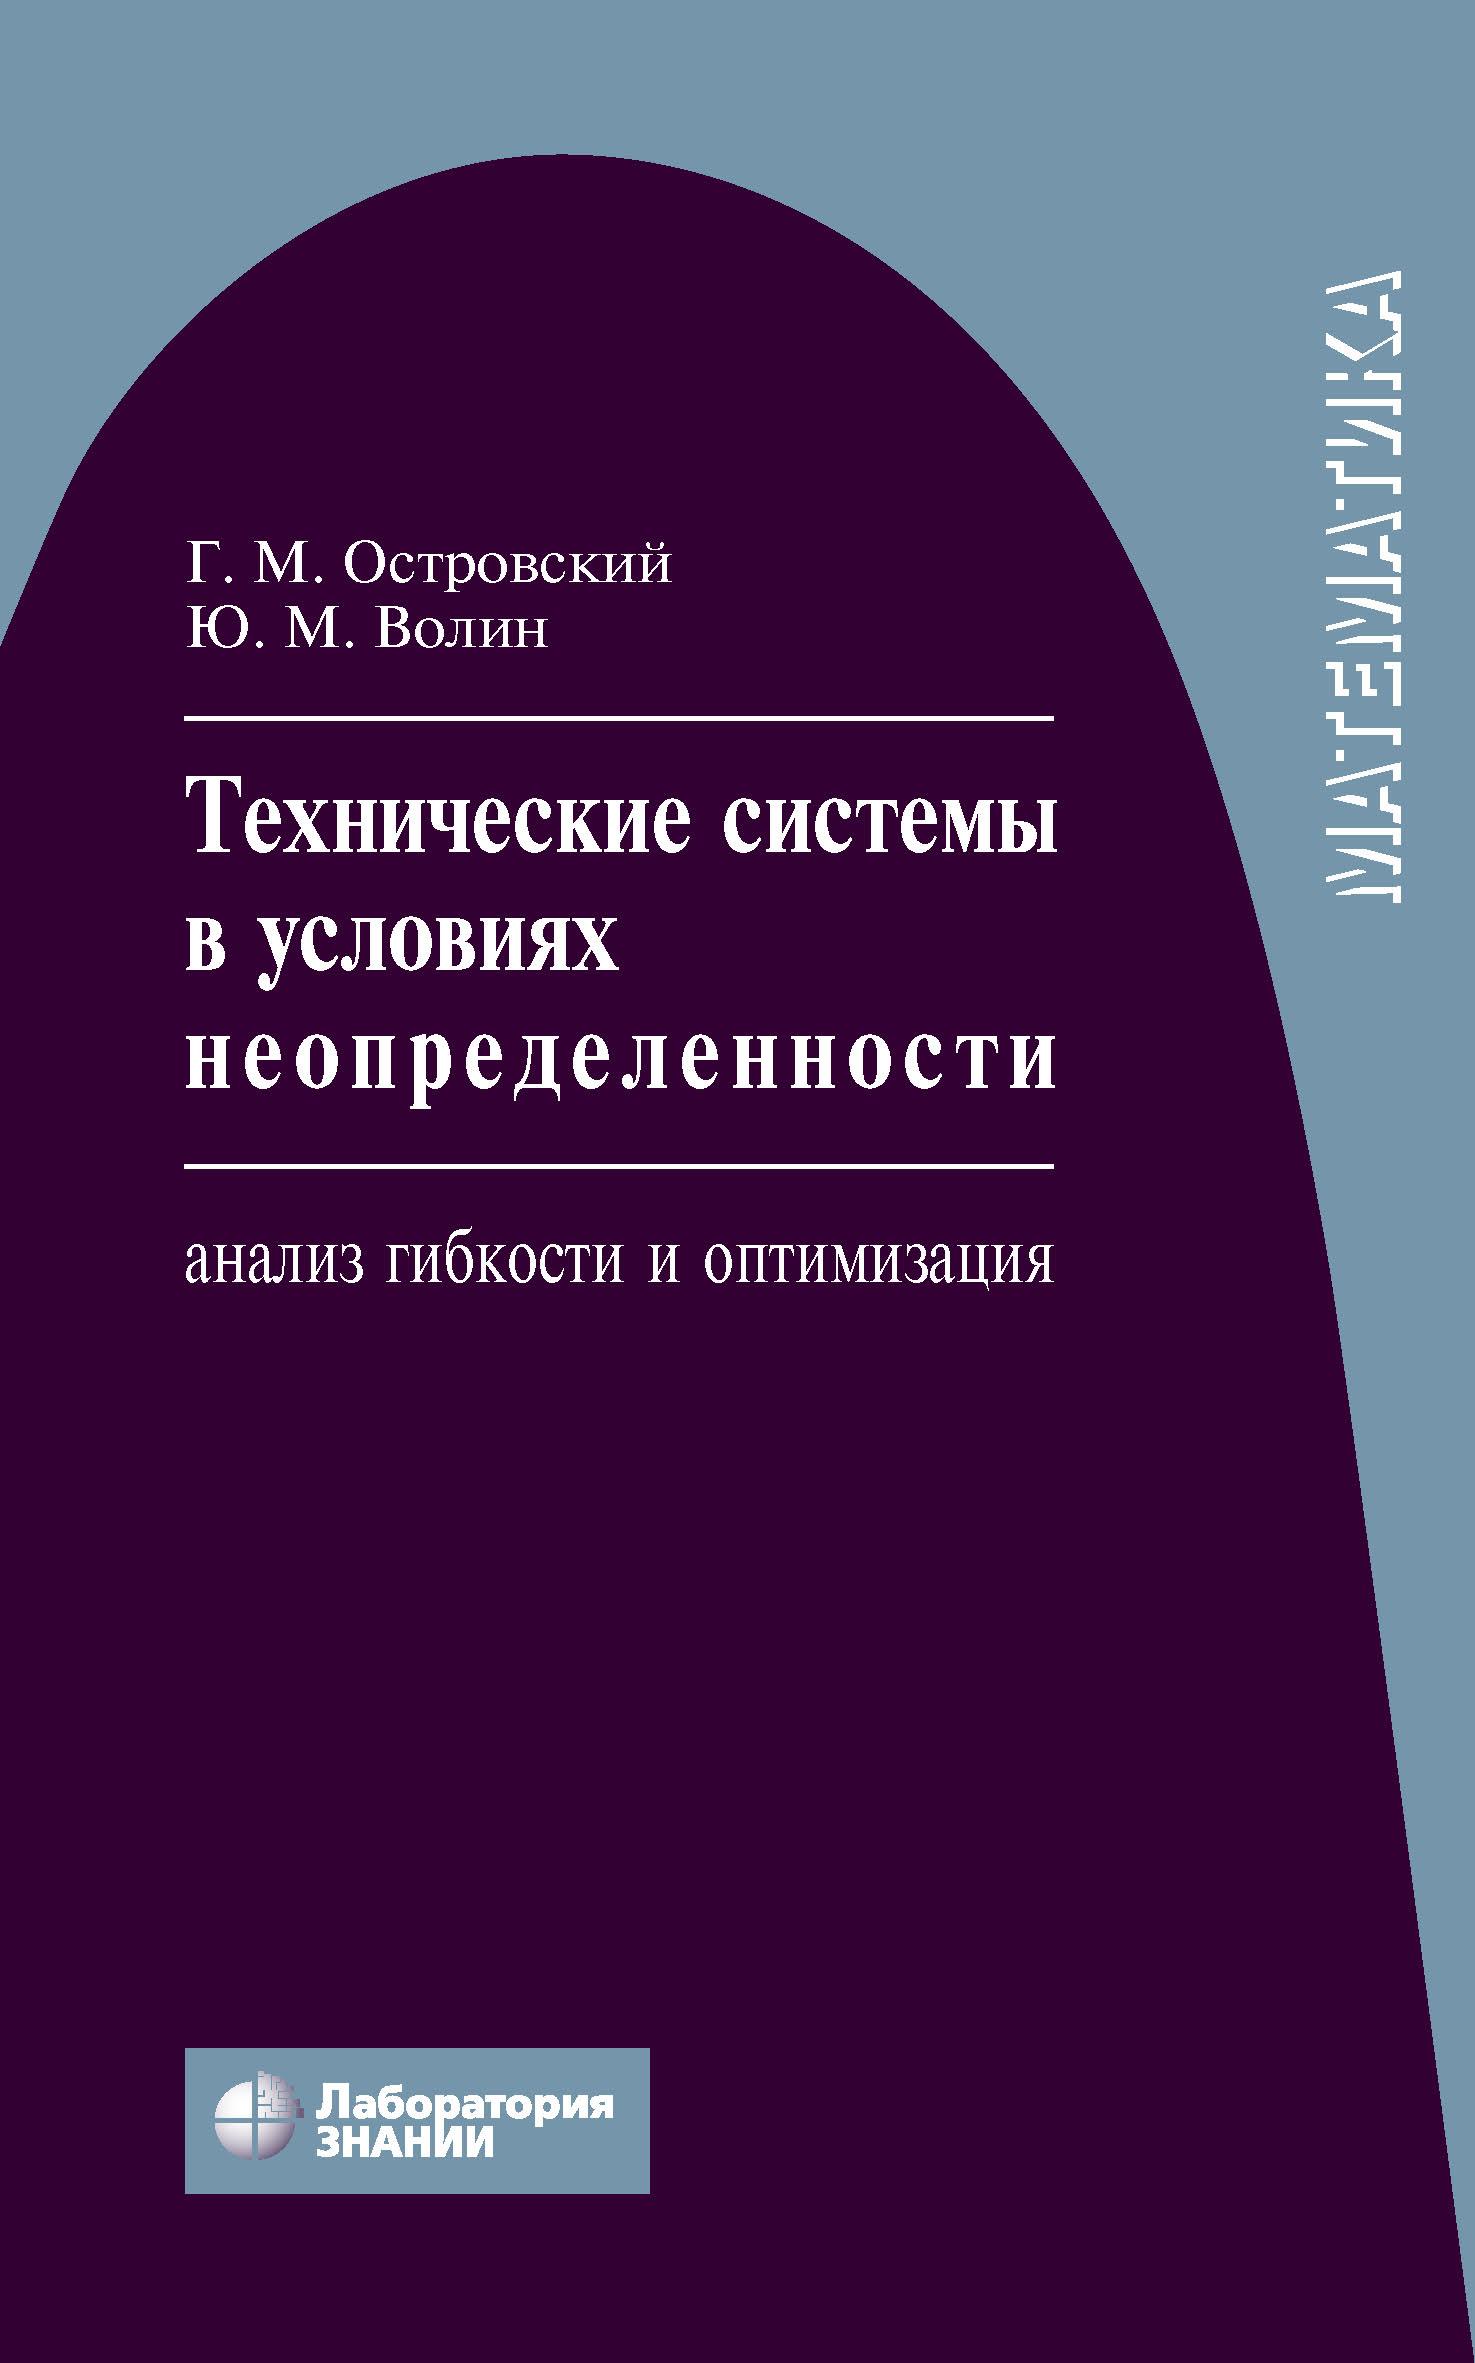 Ю. М. Волин Технические системы в условиях неопределенности: анализ гибкости и оптимизация цены